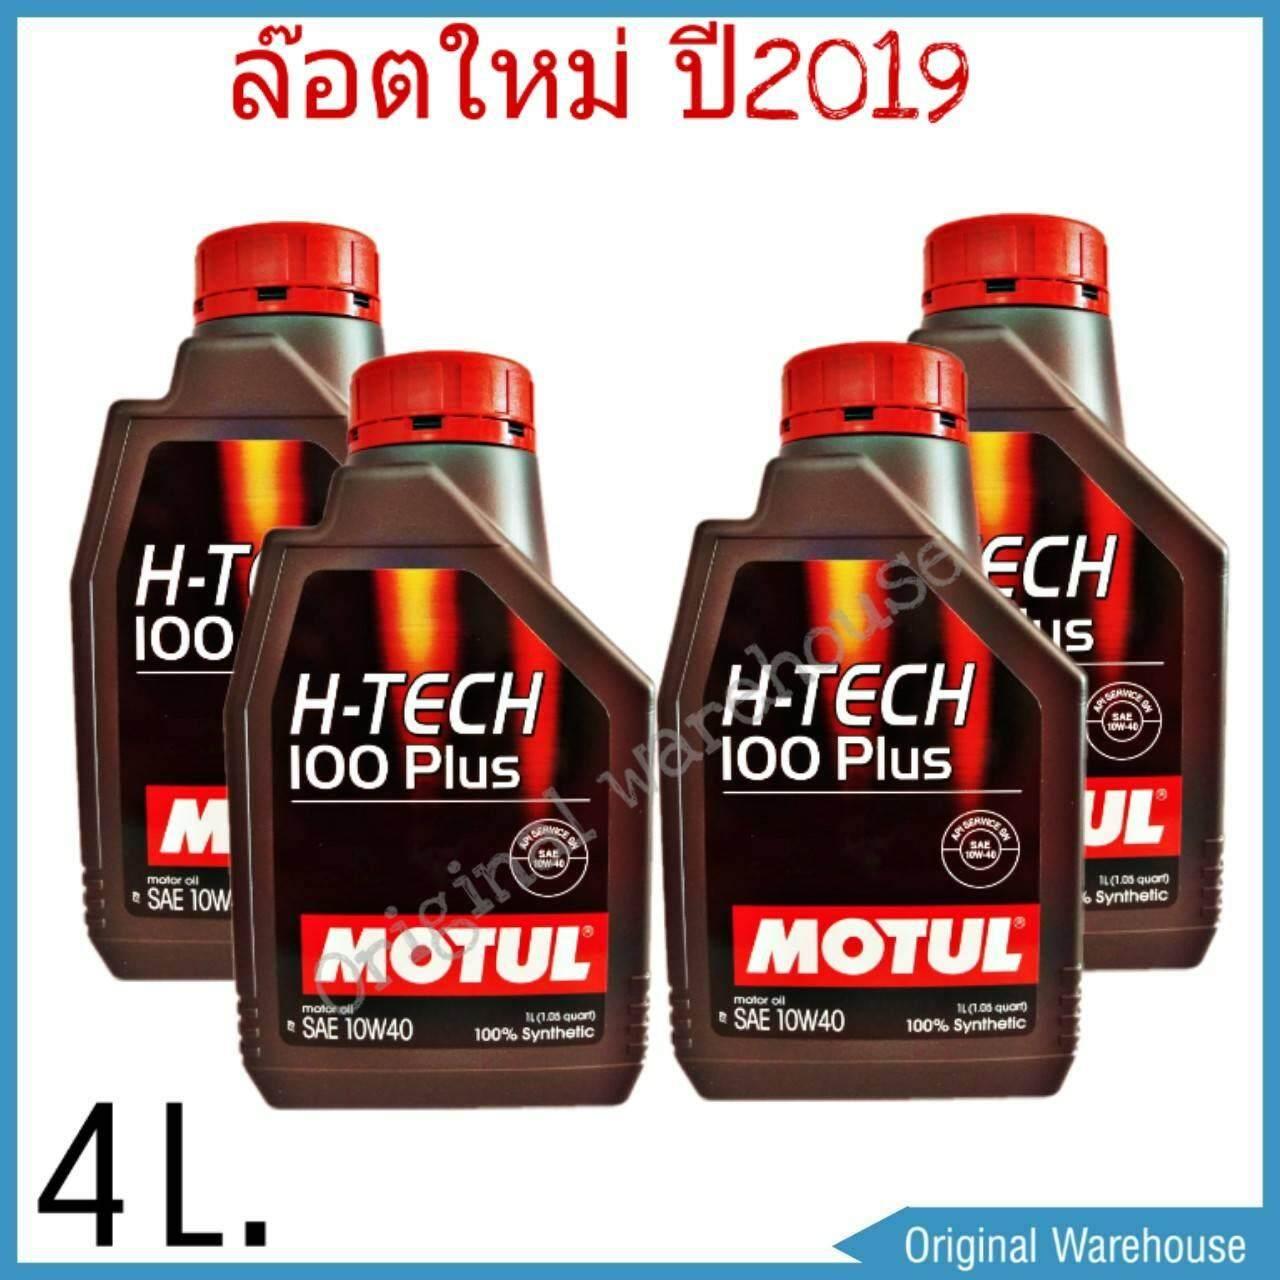 รีวิว น้ำมันเครื่อง MOTUL 10W-40 4ลิตร H-TECH 100 PLUS น้ำมันเครื่องยนต์เบนซิน สังเคราะห์แท้ 100% ( 1L.x4ขวด )